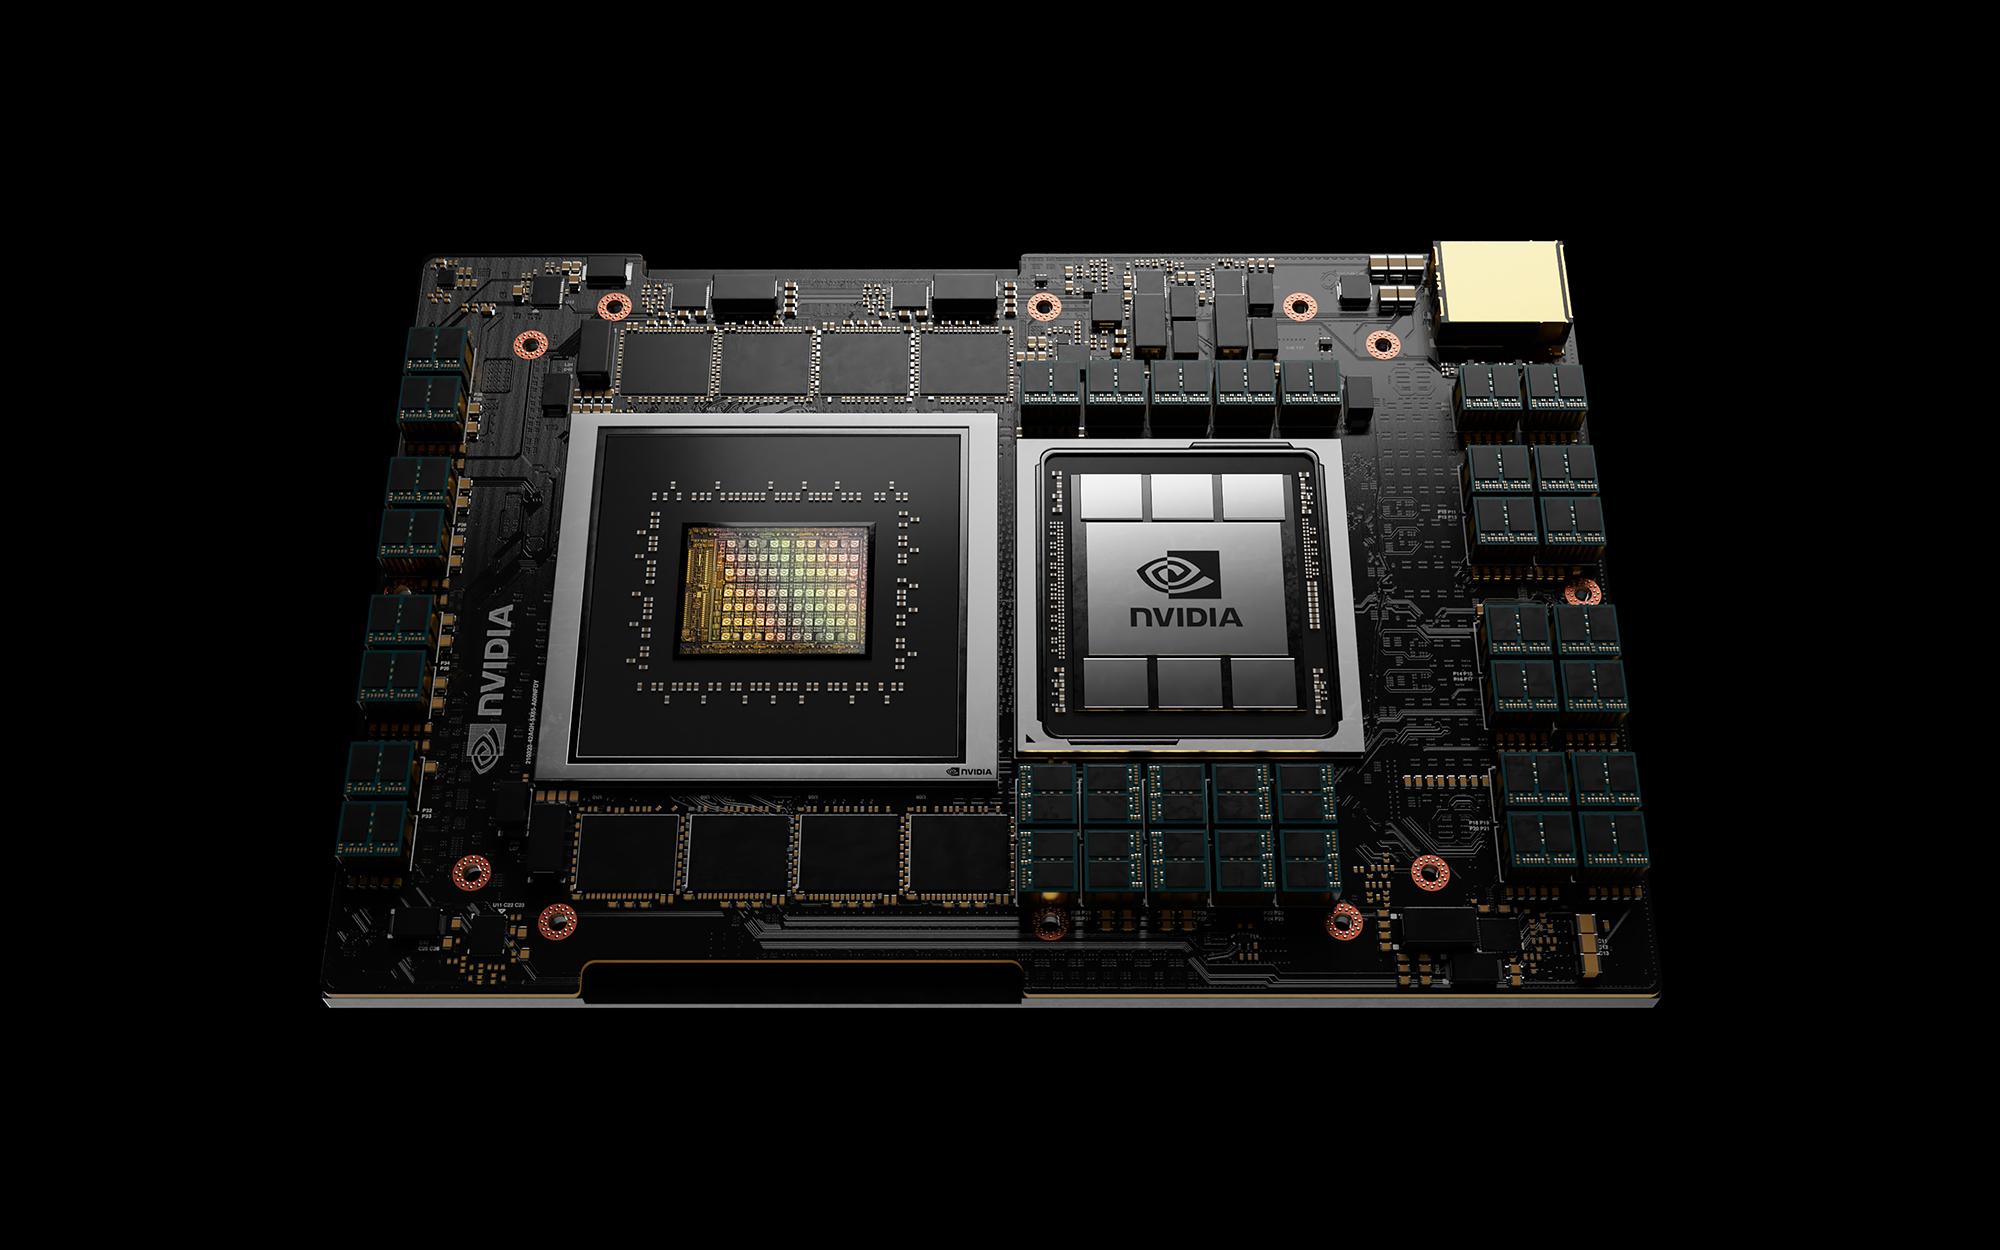 מעבד NVIDIA Grace. ה-CPU הראשון של אנבידיה. צילום יחצ